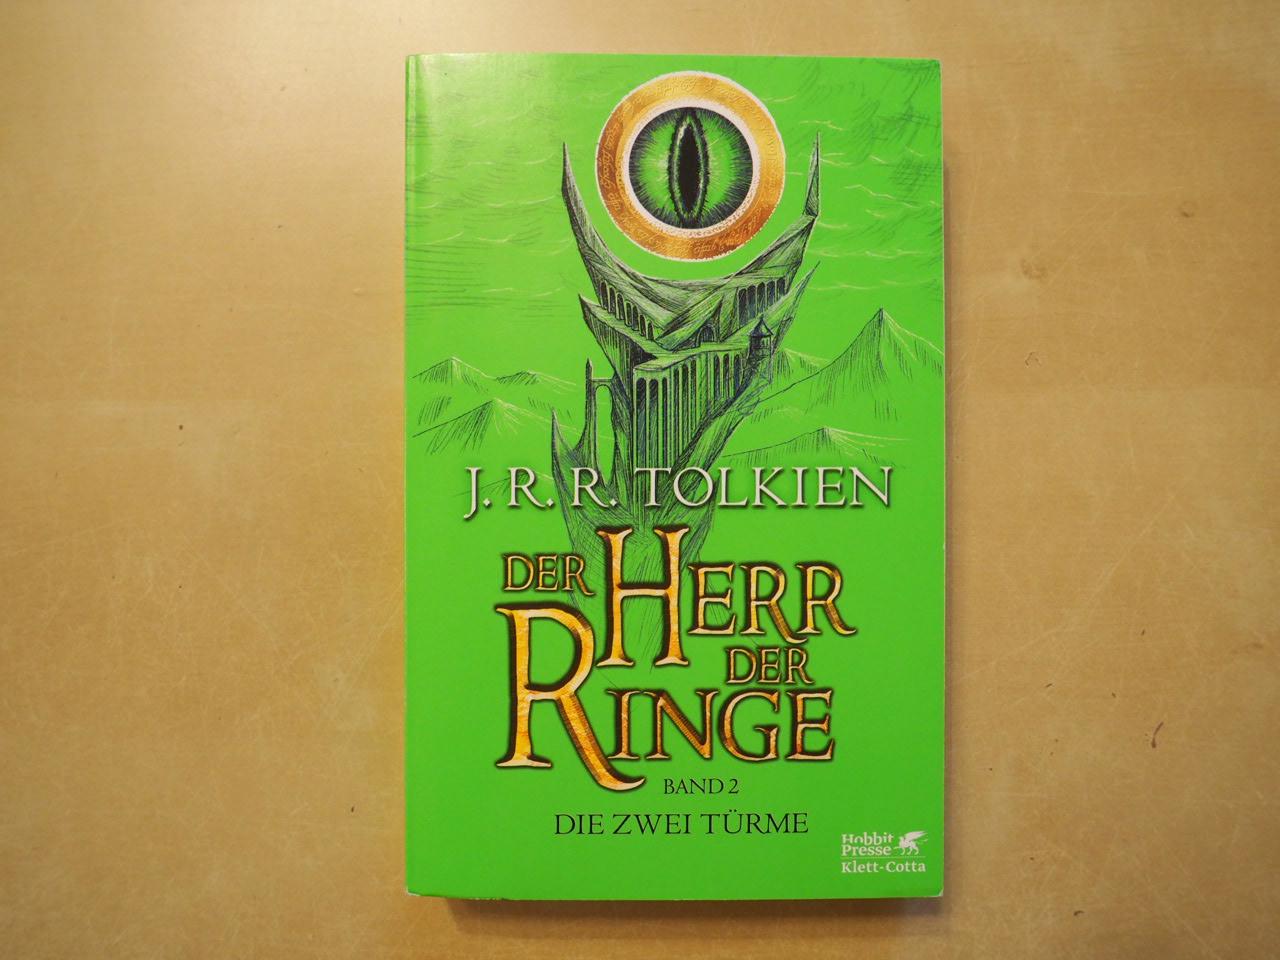 Der Herr der Ringe, Band 2: Die zwei Türme